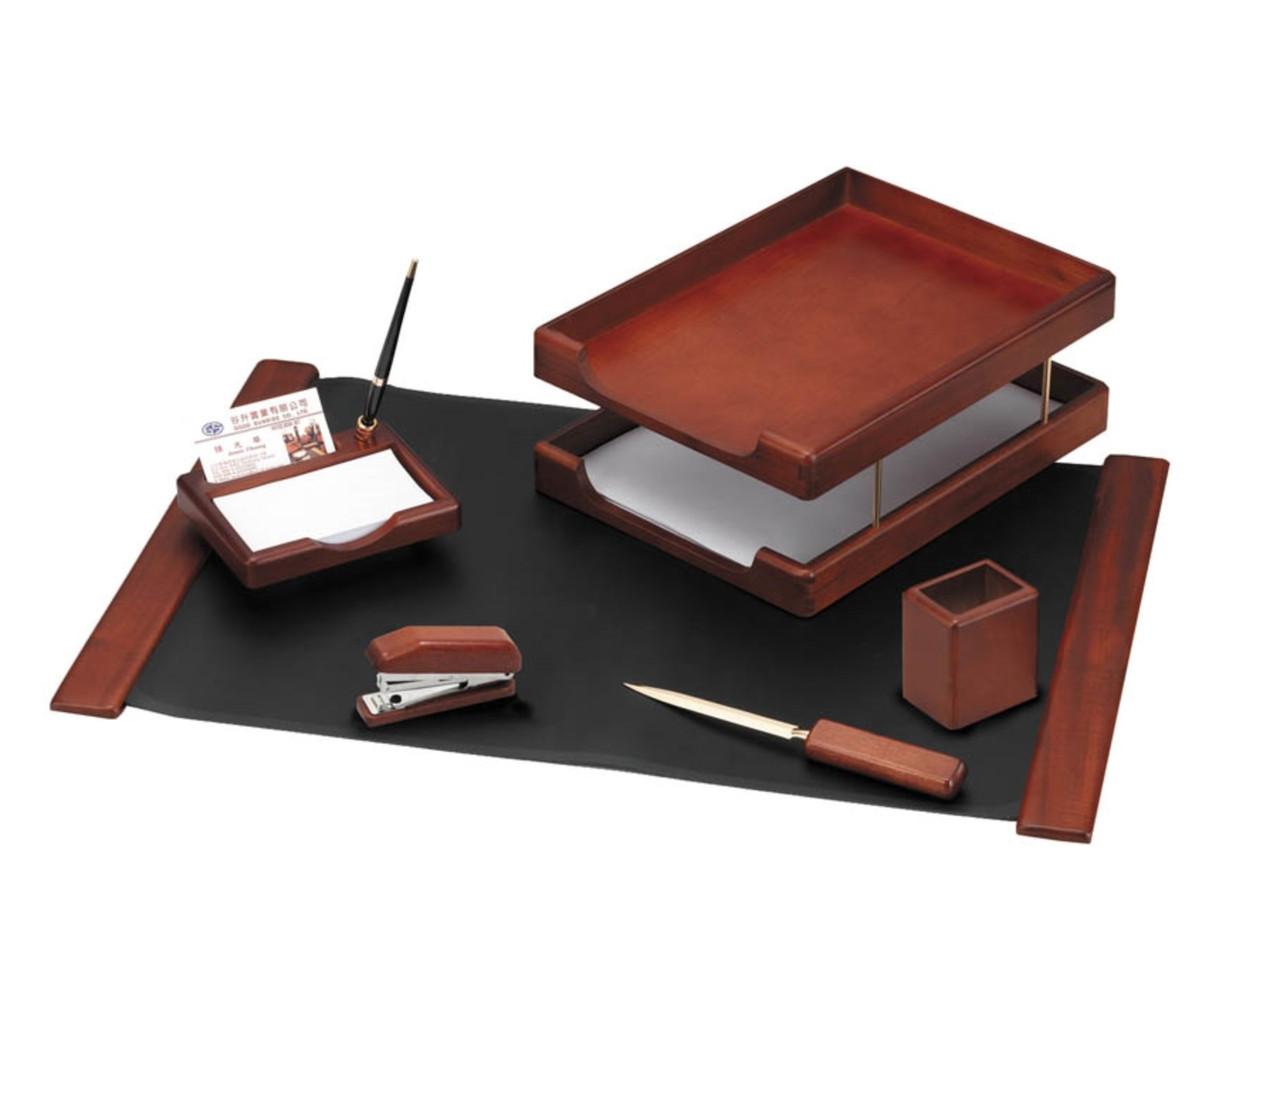 Набор настольный Delucci 6 предметов, темно-коричневый орех